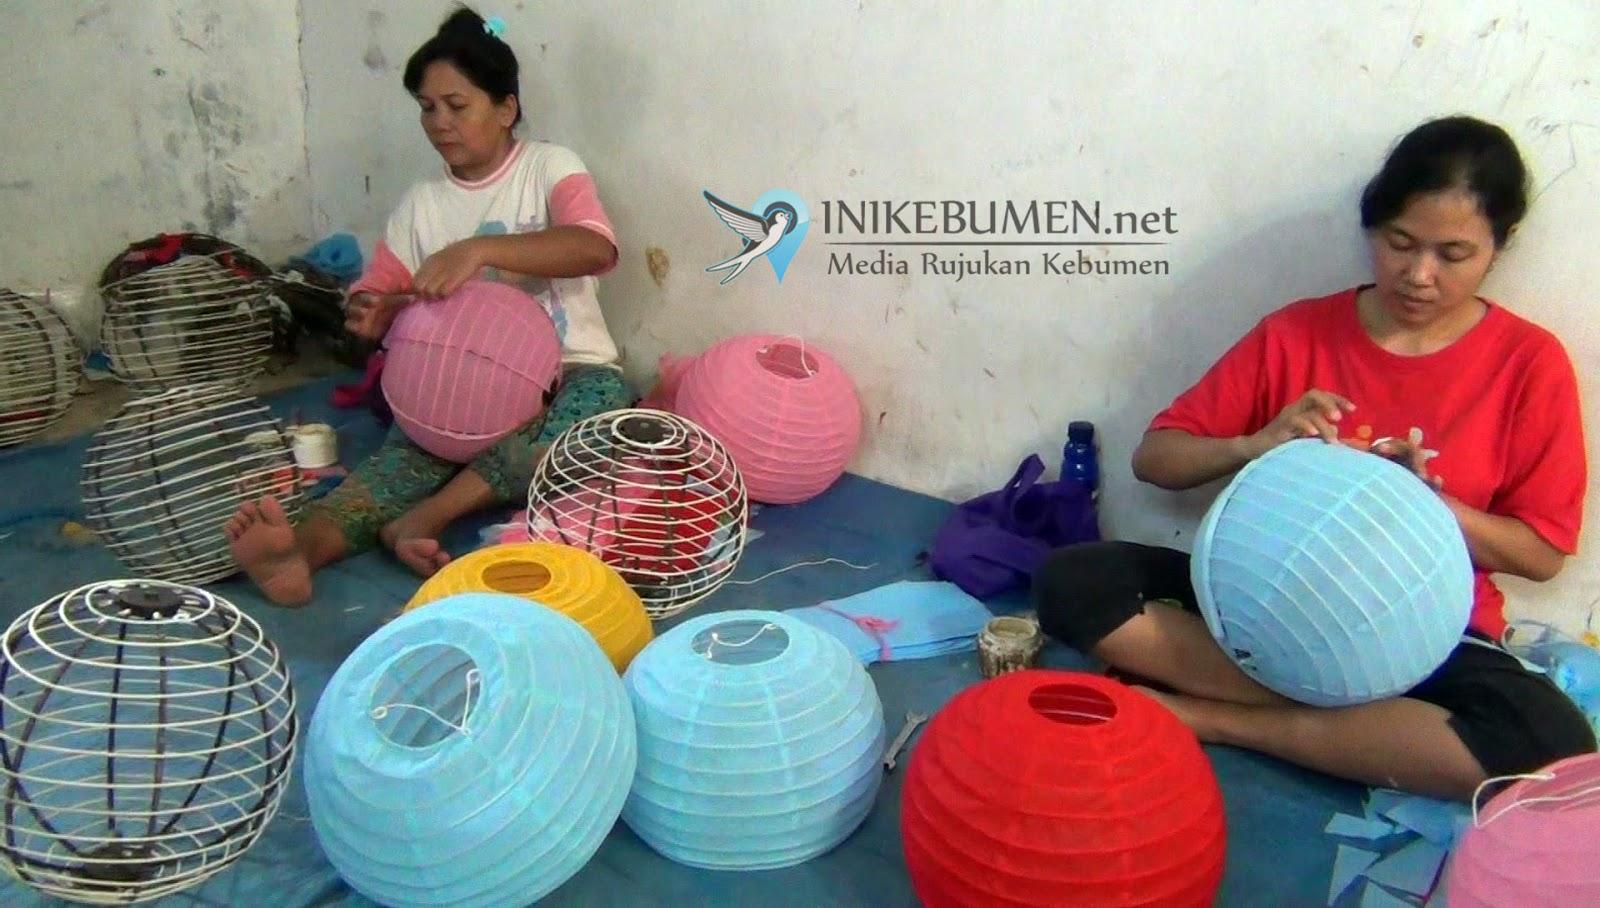 Jelang Imlek, Perajin Lampion di Kebumen Kebanjiran Order